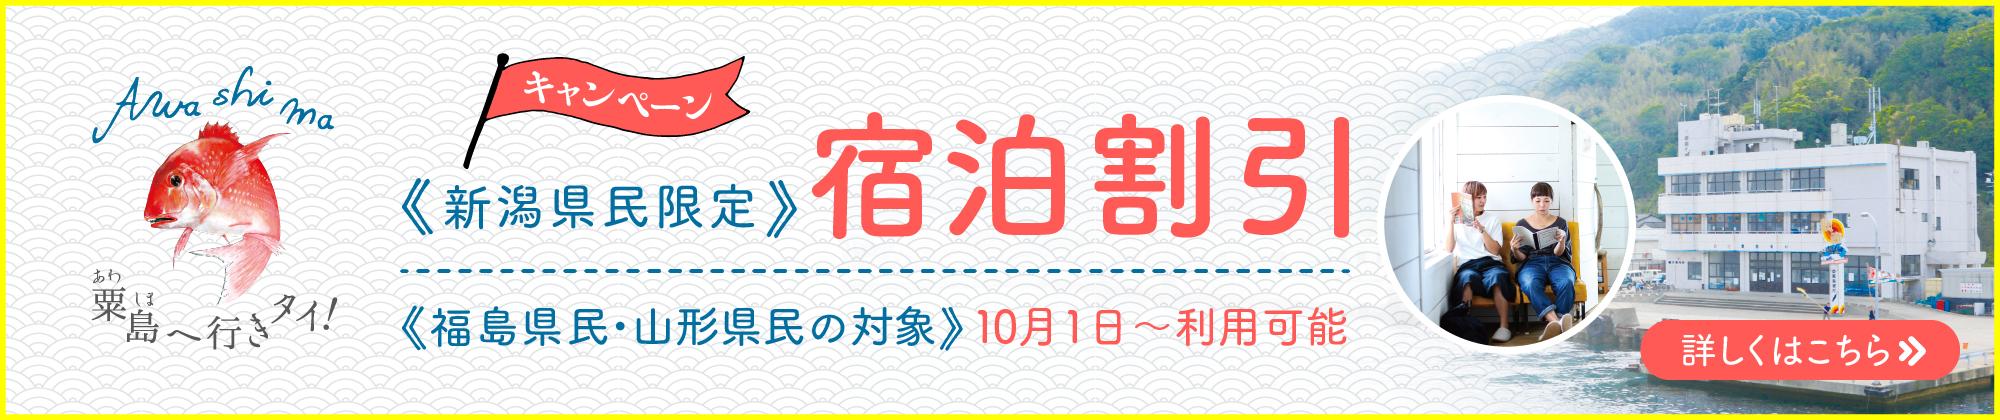 キャンペーン新潟県民限定宿泊割引